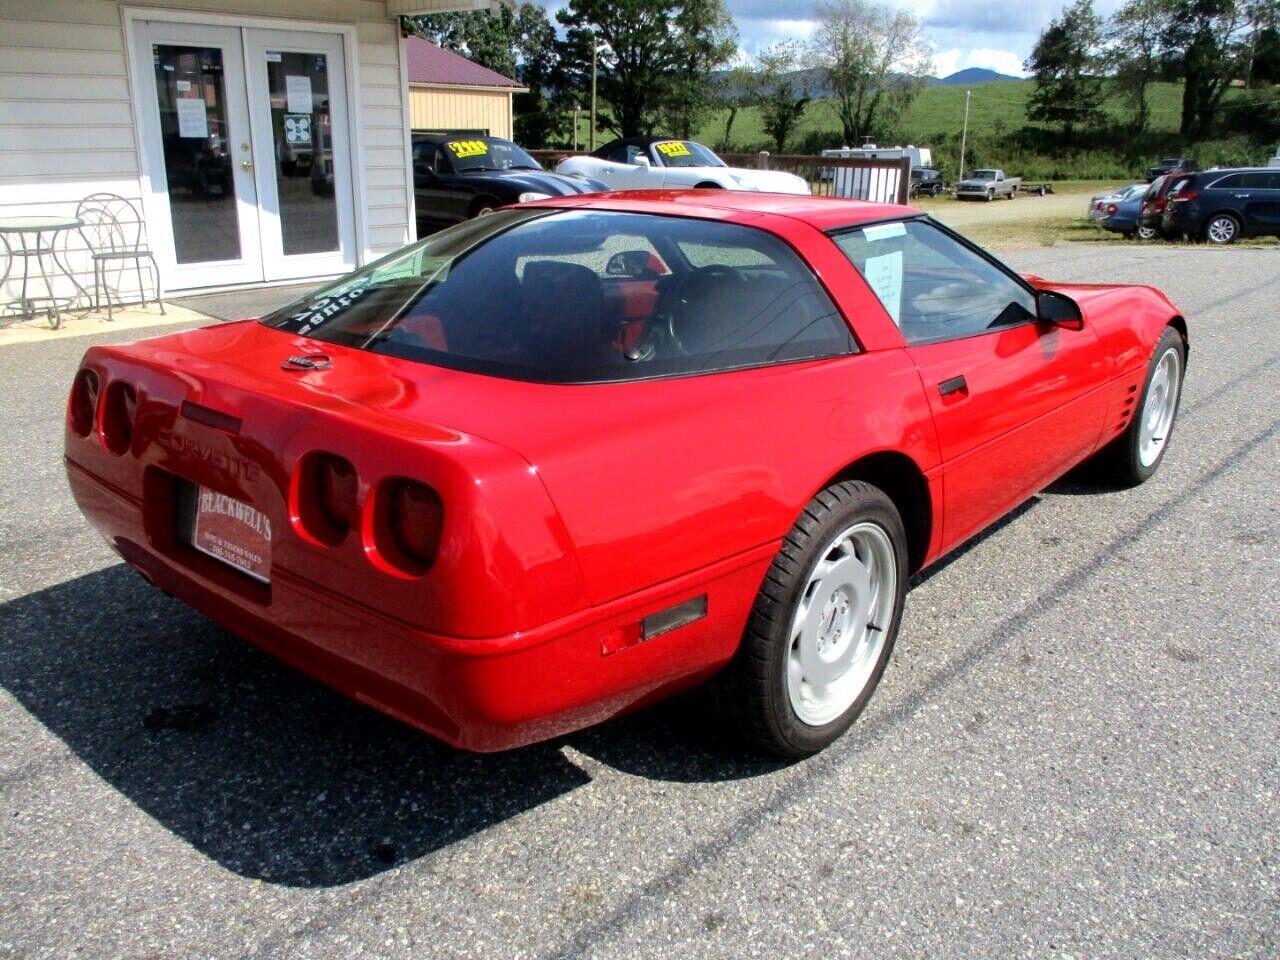 1991 Red Chevrolet Corvette Coupe    C4 Corvette Photo 3